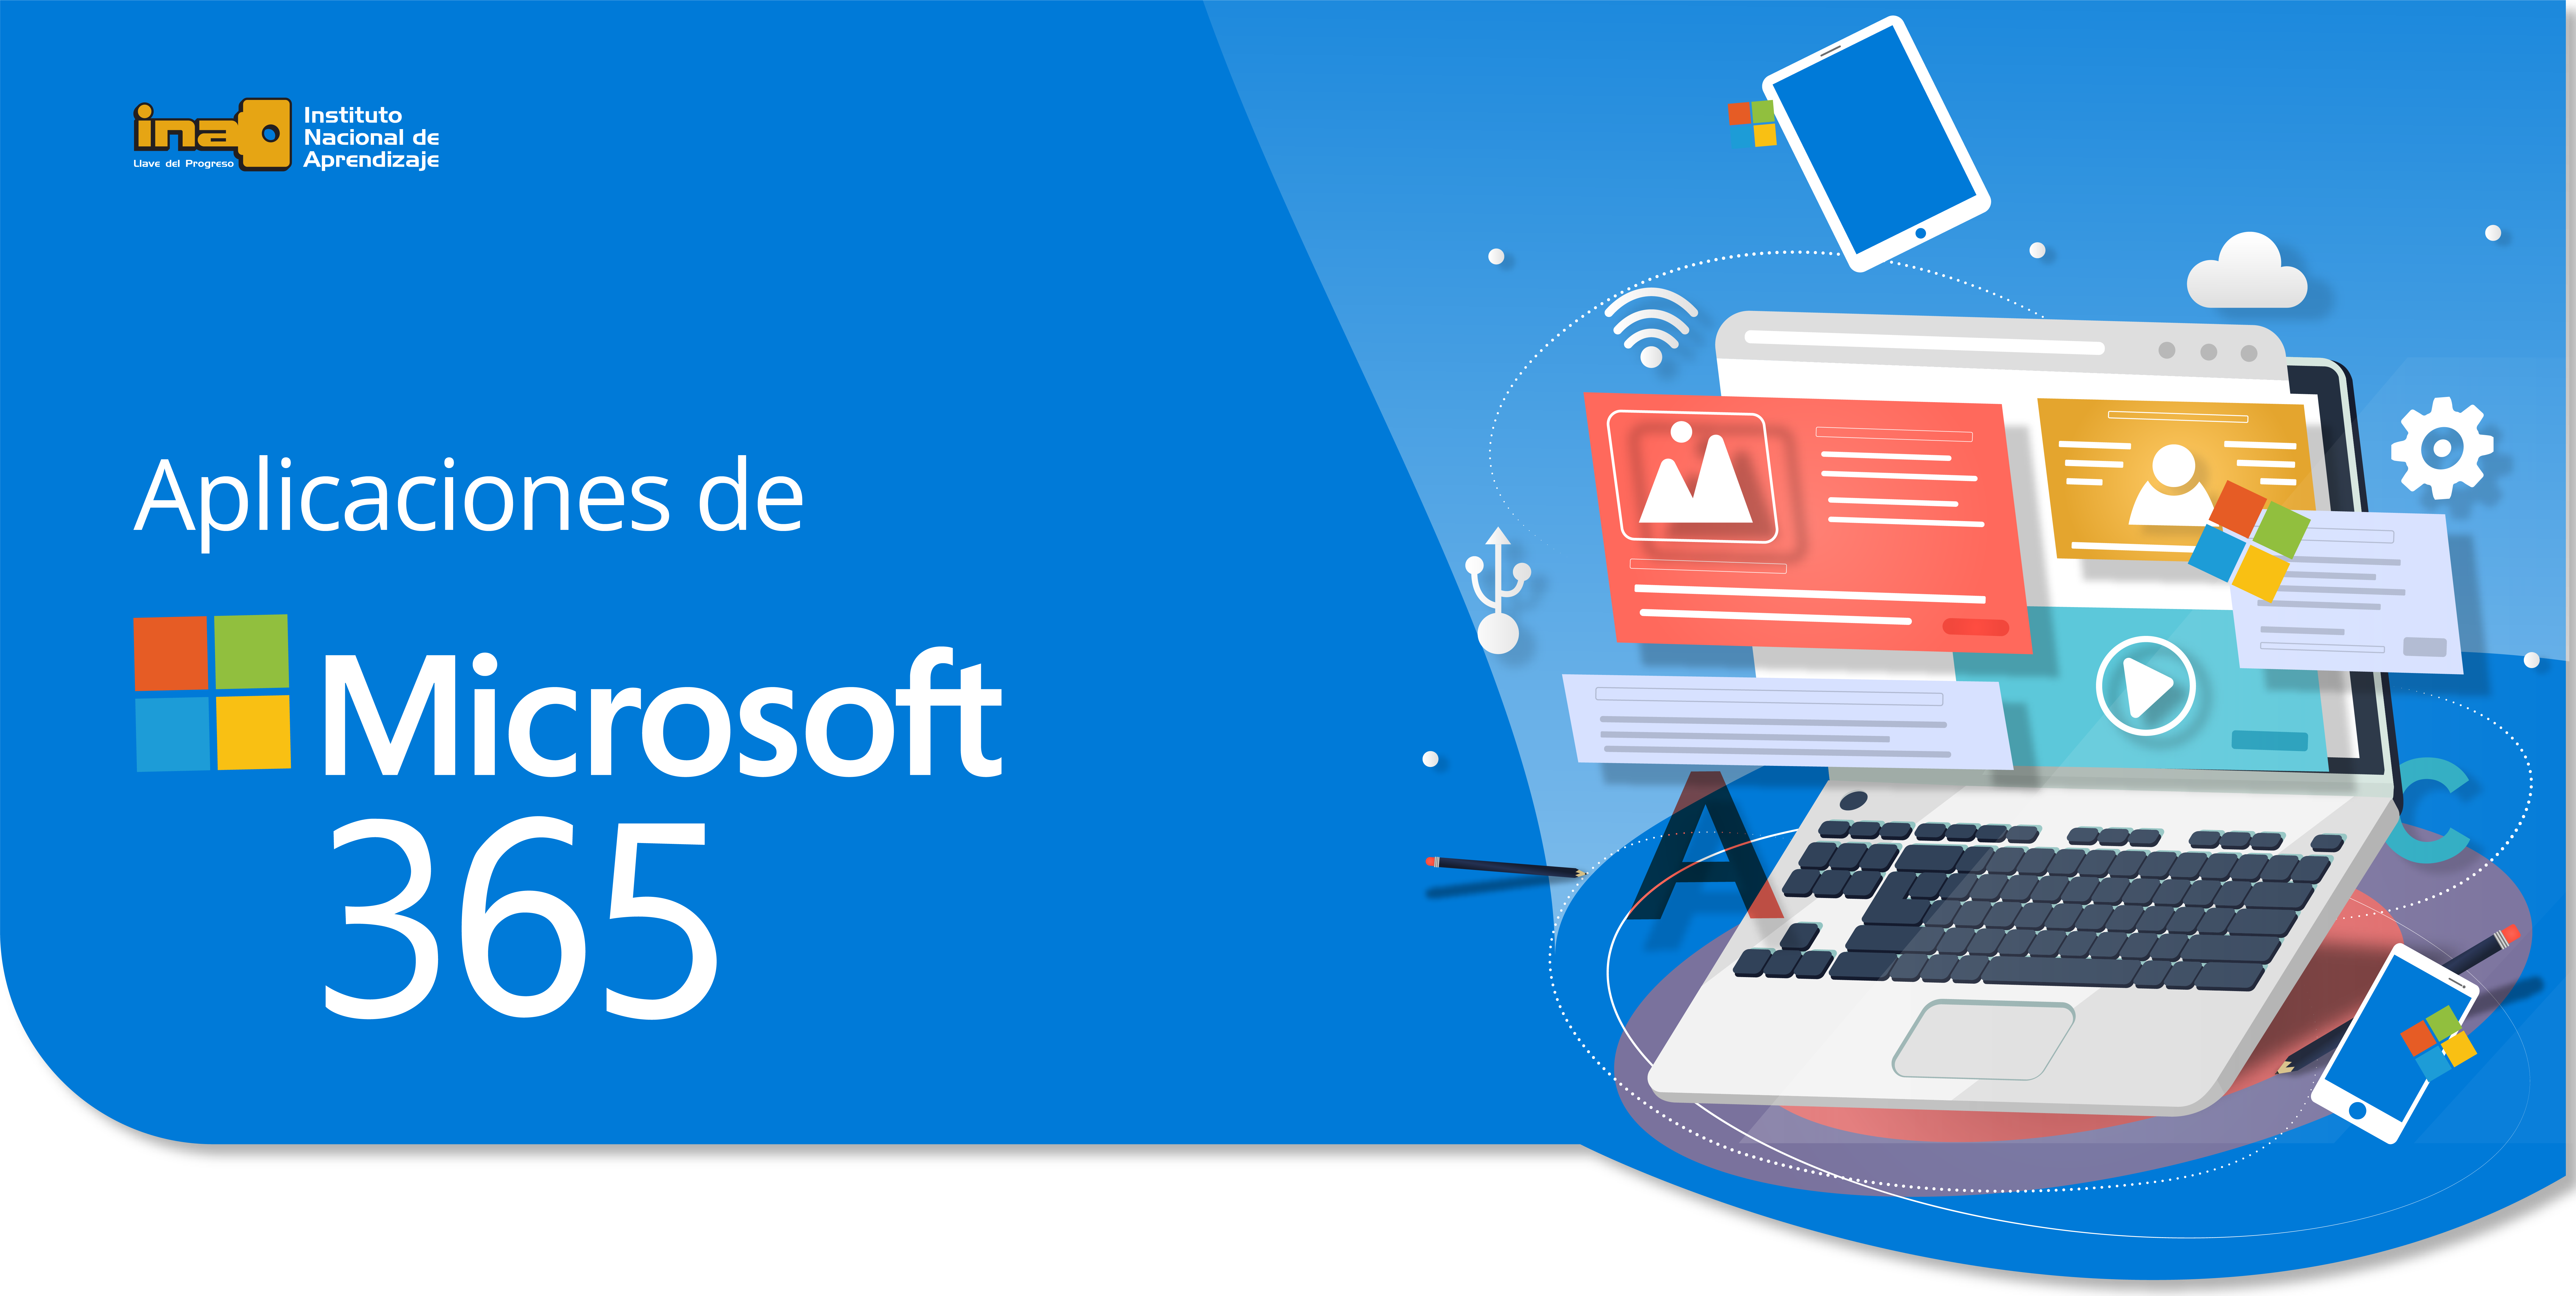 Aplicaciones de Microsoft 365